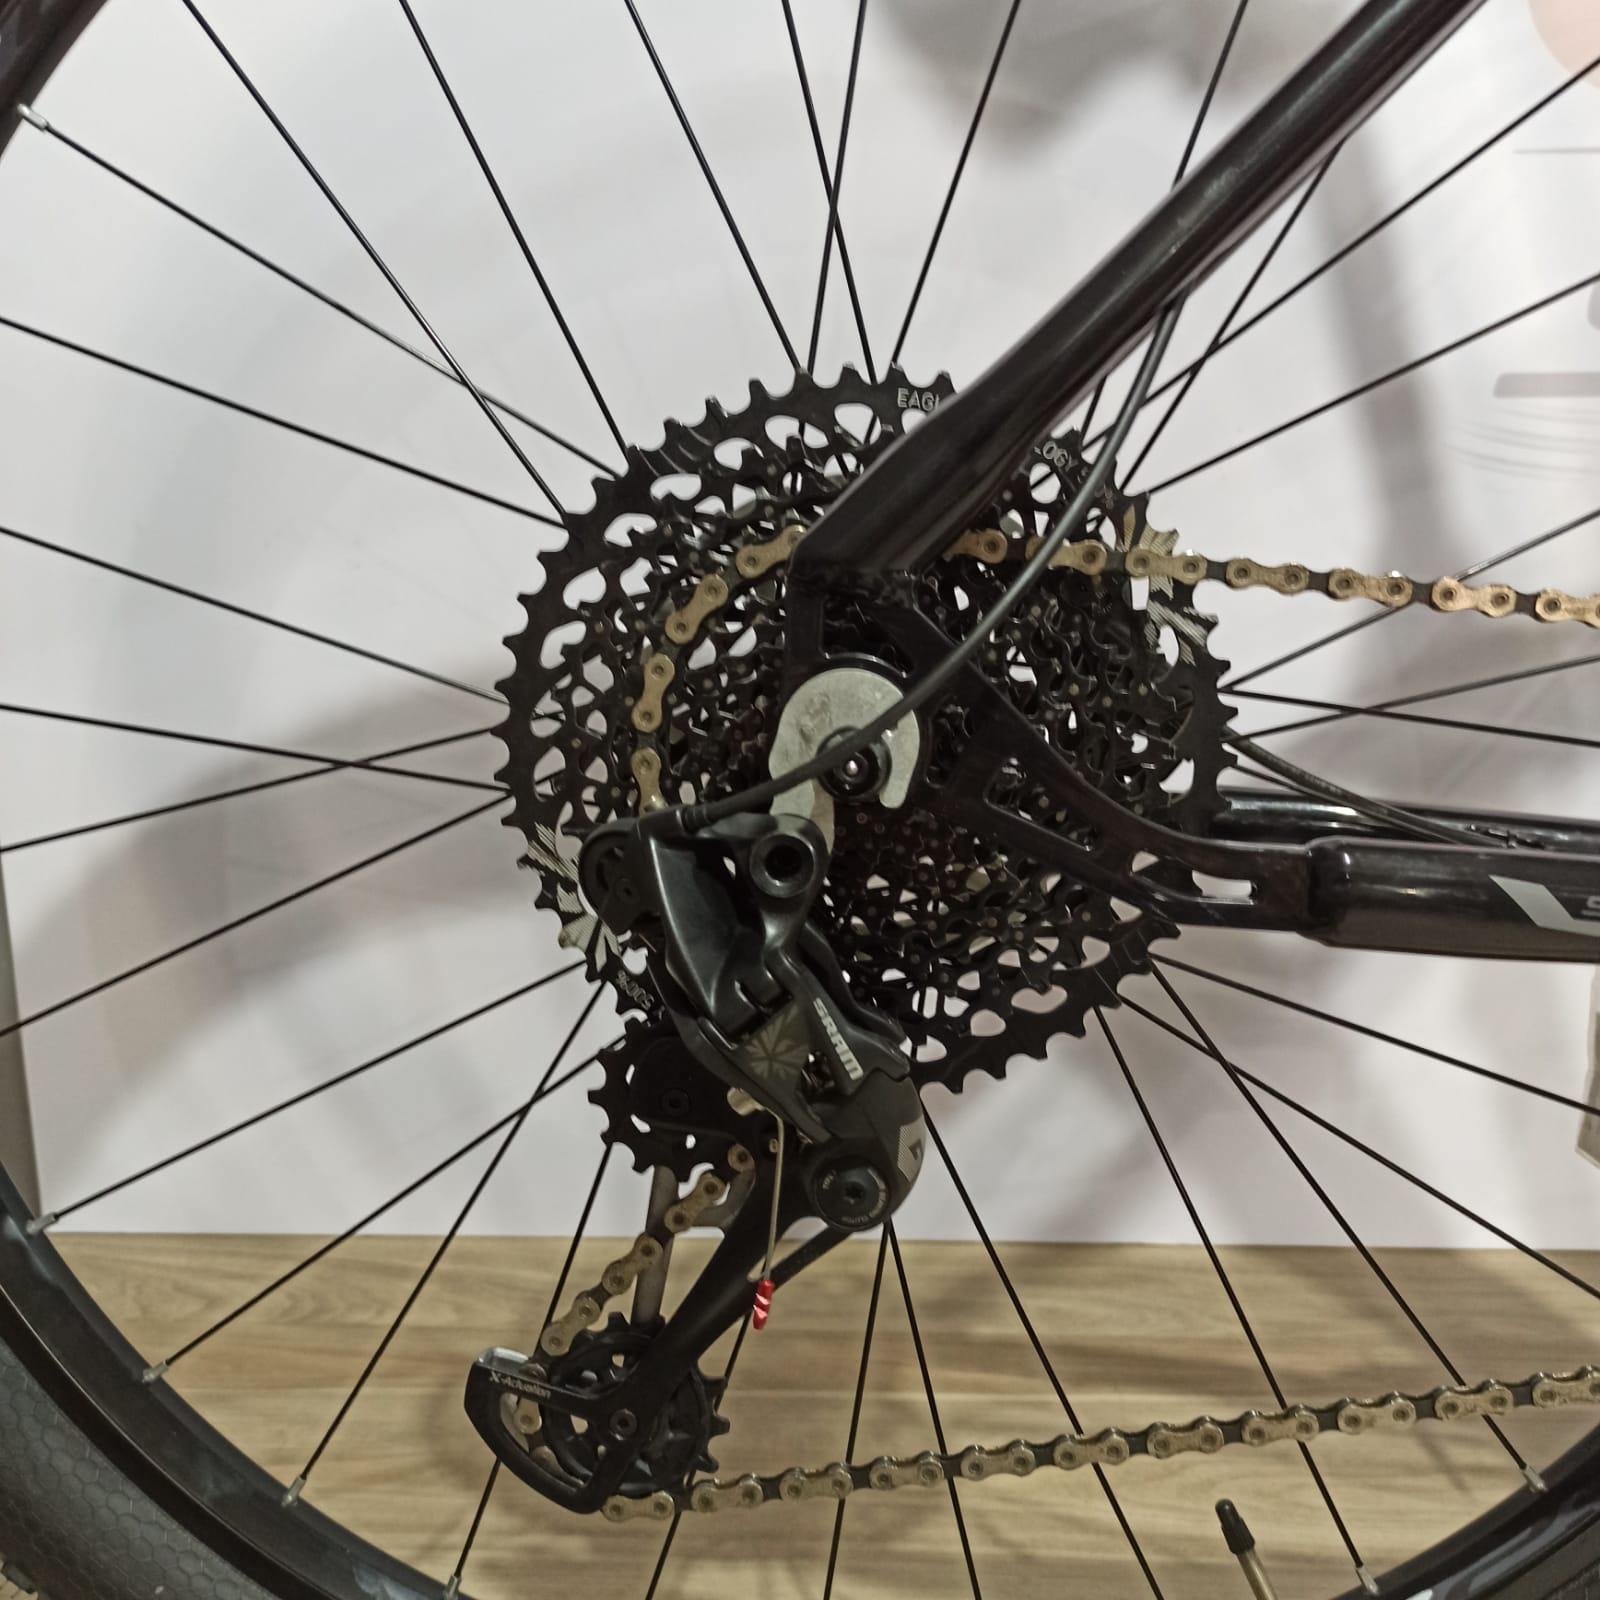 Bicicleta FIRST Smitt aro 29 - 12V Sram GX K7 10/50 dentes - Suspensão GTA a AR - MELHOR CUSTO BENEFÍCIO DA CATEGORIA